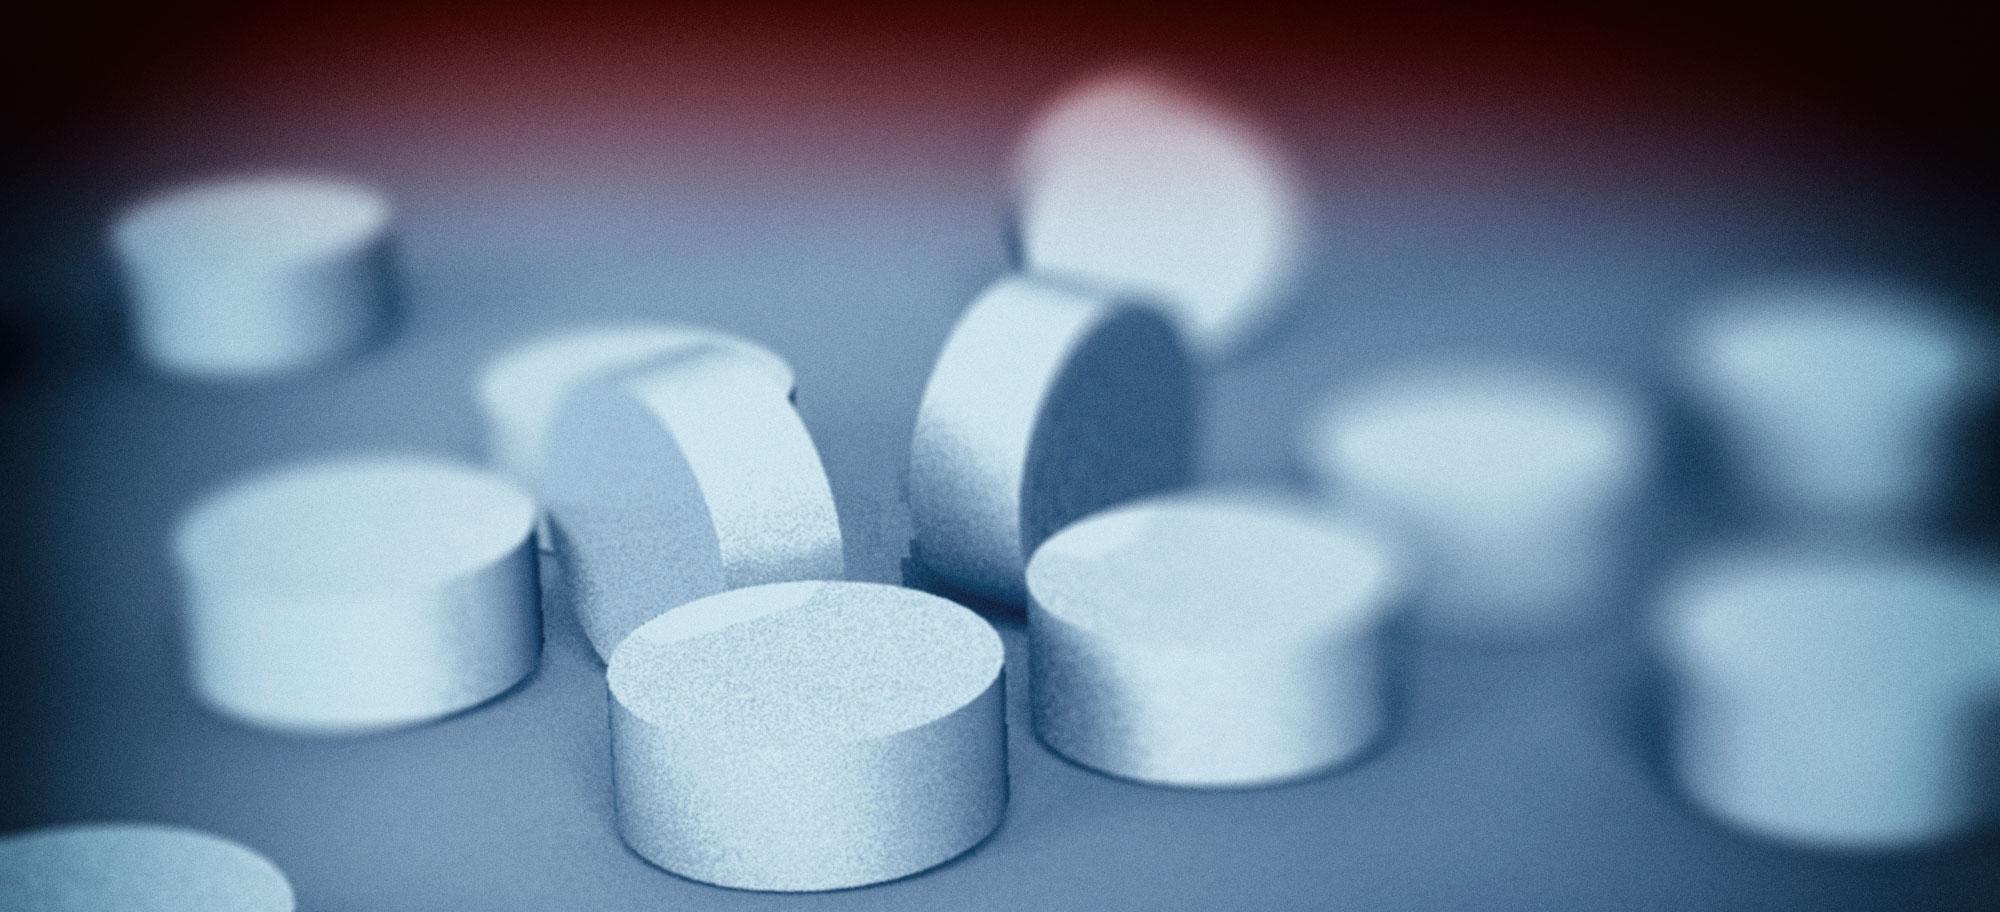 opioids opiates medication pills drugs